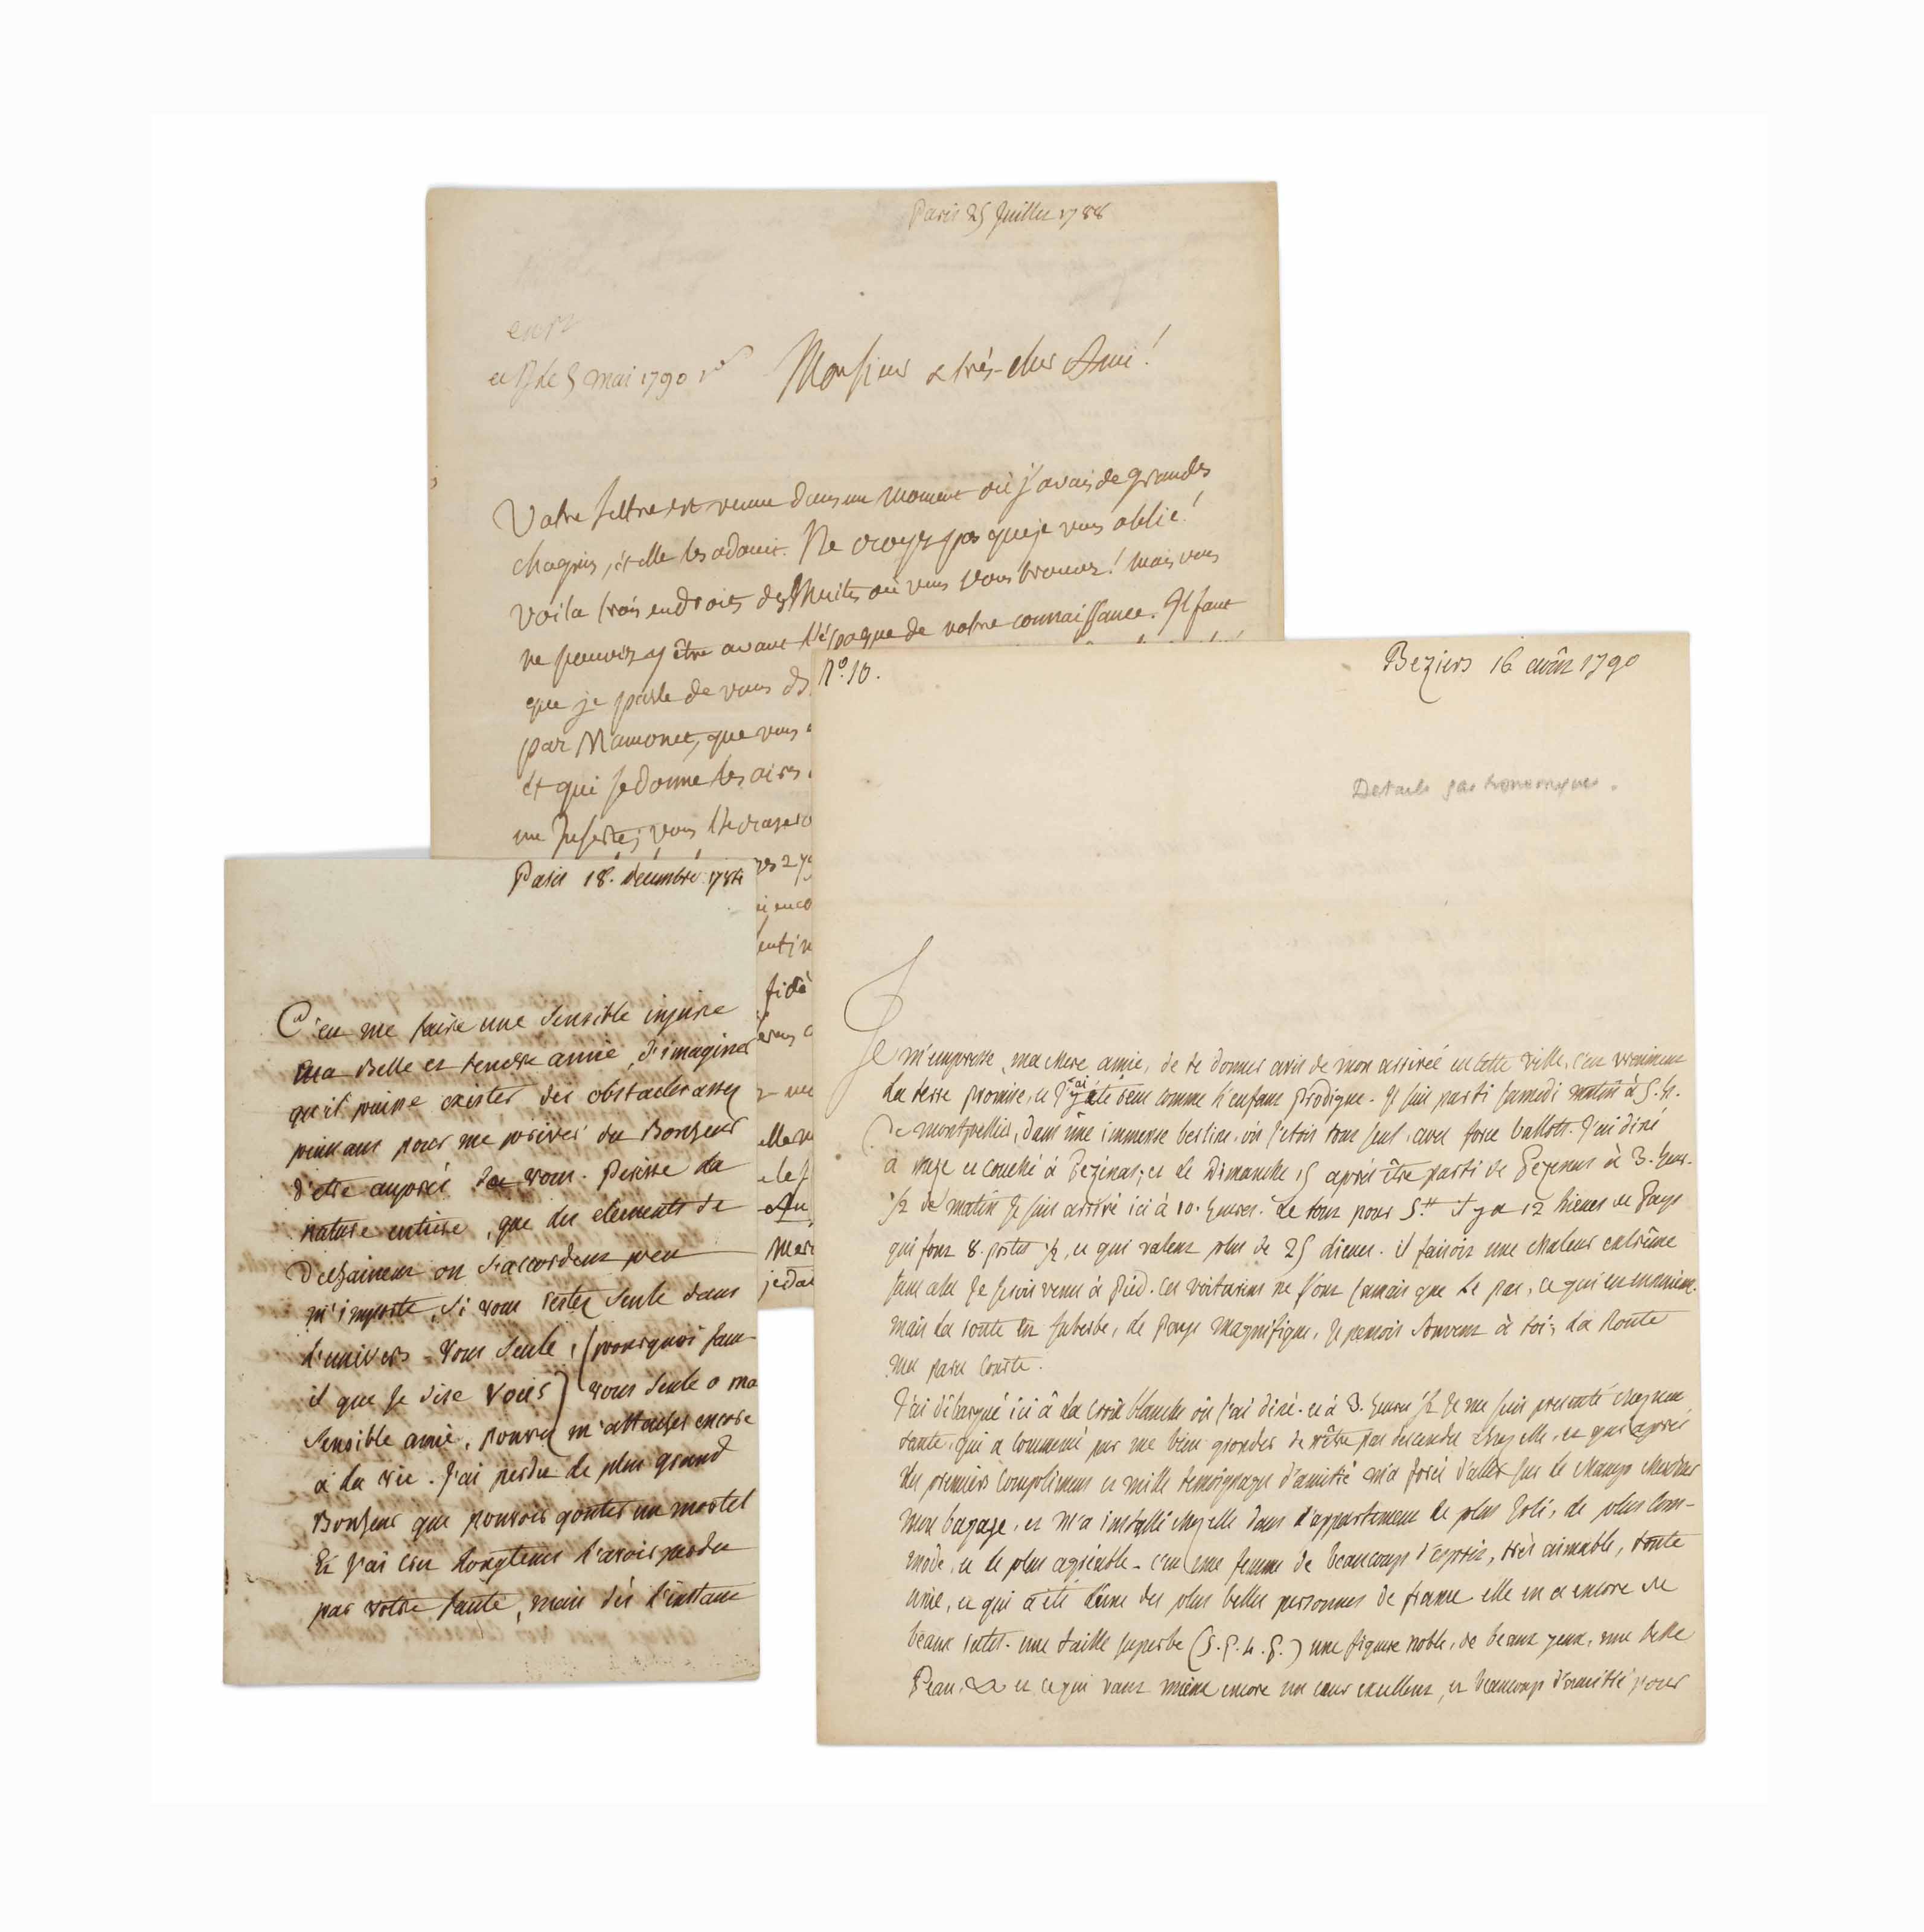 """Alexandre-Balthazar-Laurent GRIMOD DE LA REYNIÈRE (1758-1838). Lettre autographe signée, située et datée """"Paris 18. decembre 1784"""", à Mme Matoire. 4 pages sur un double feuillet in-12 (166 x 108 mm). Encre sépia sur papier vergé."""